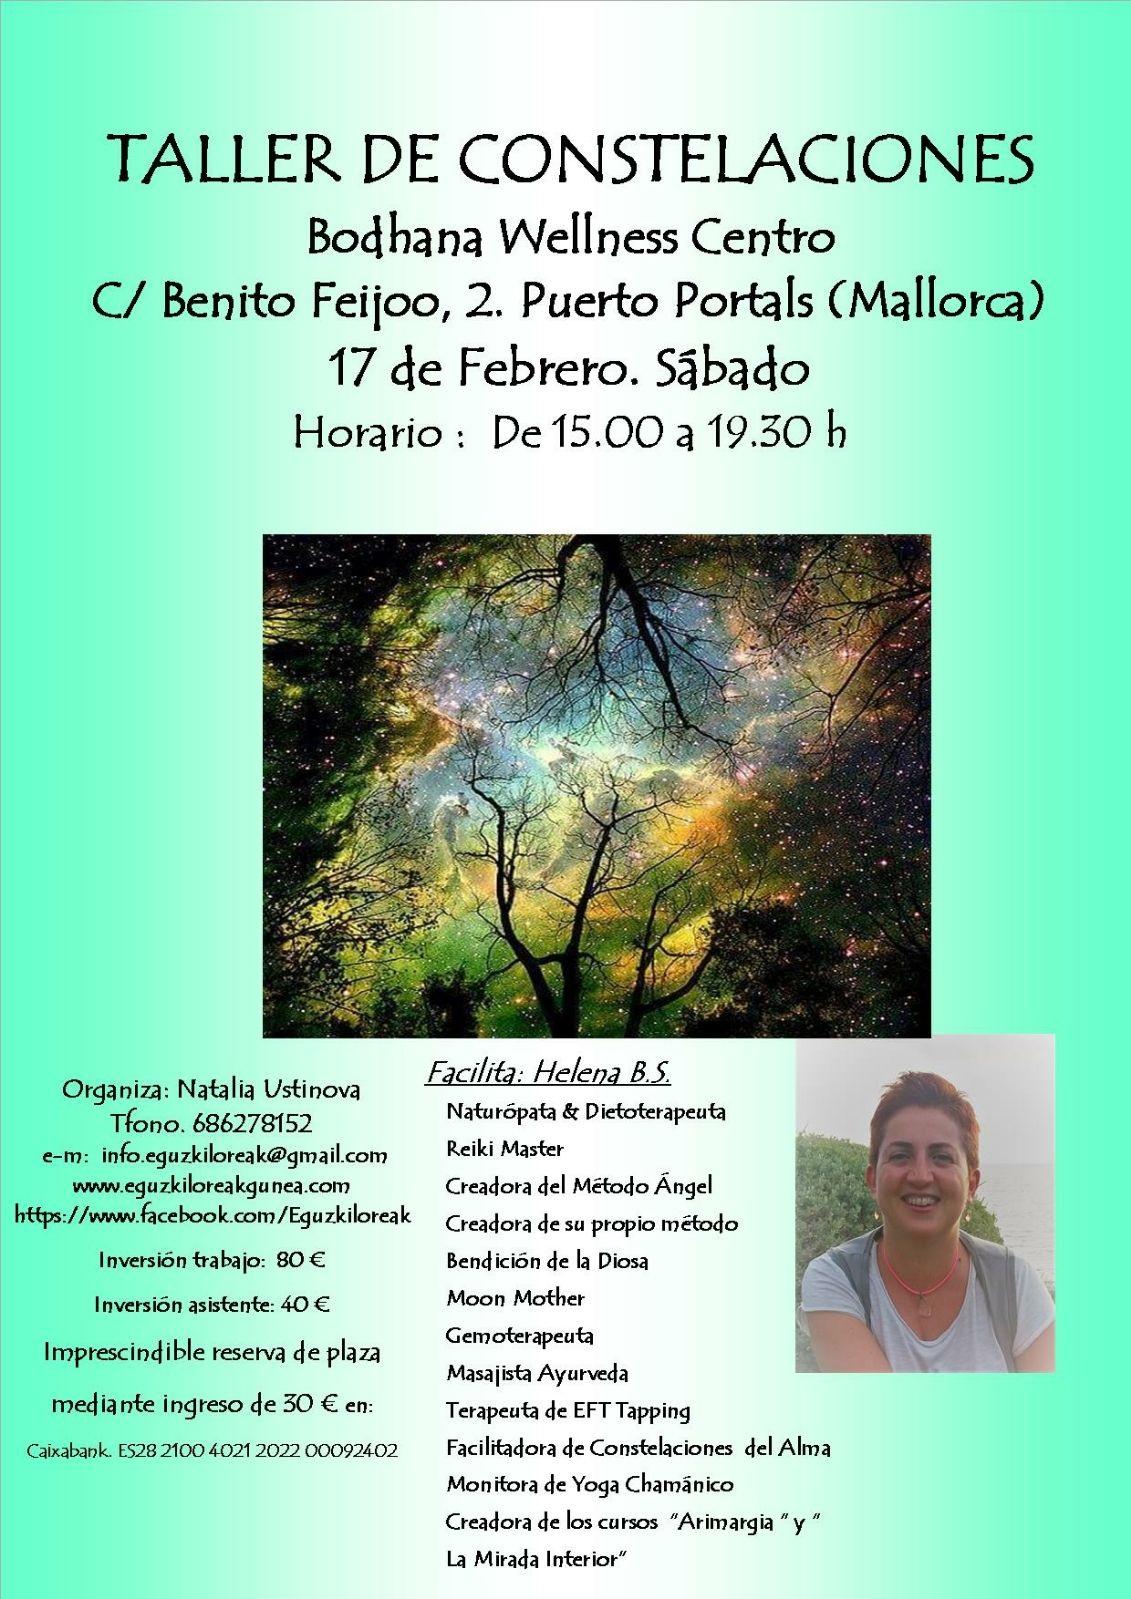 TALLER DE CONSTELACIONES EN MALLORCA EL 17 DE FEBRERO. FACILITA: HELENA BS